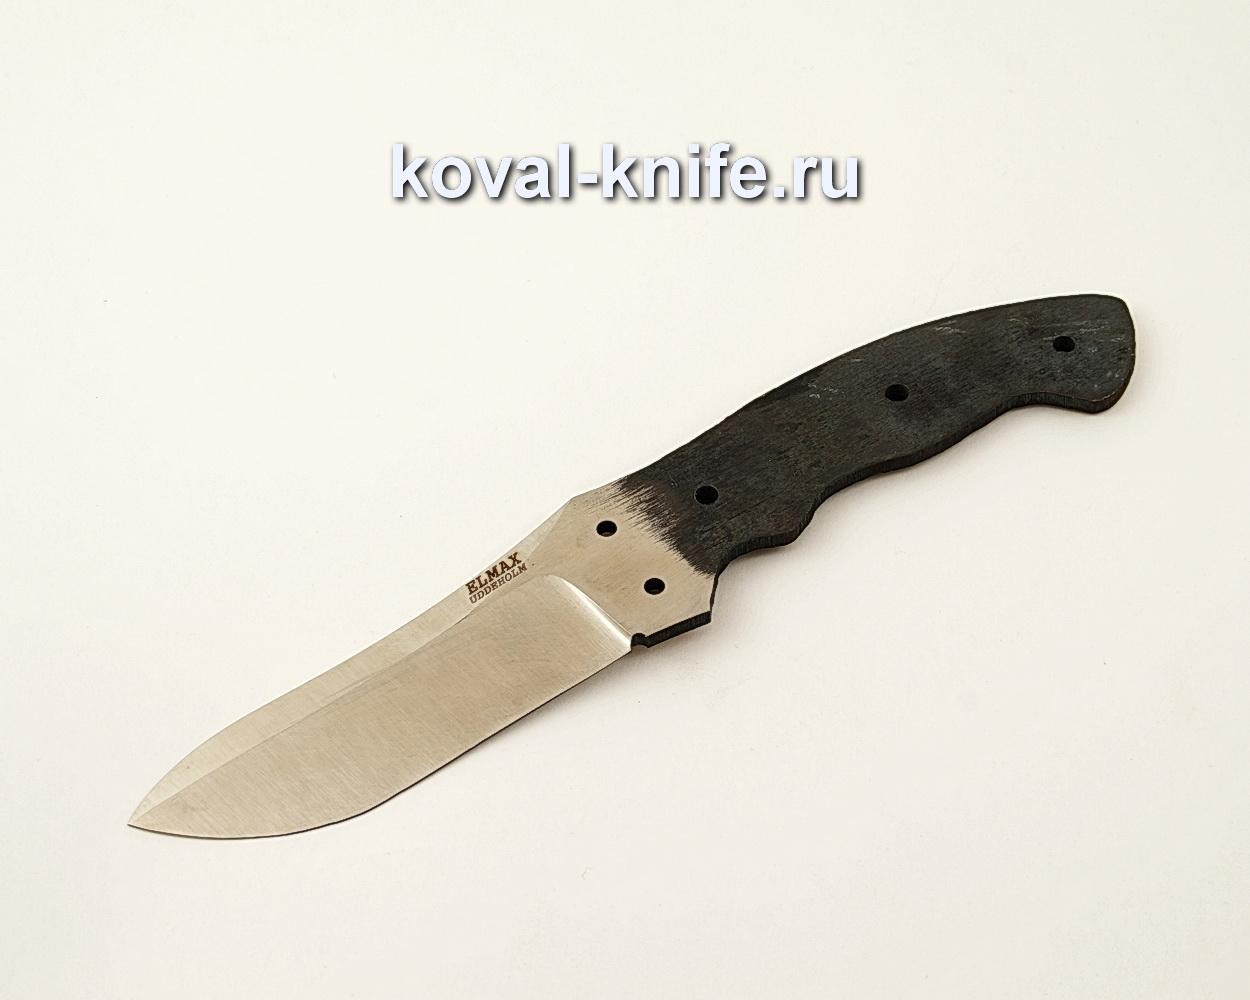 Цельнометаллический клинок для ножа из порошковой стали ELMAX ЦМ1